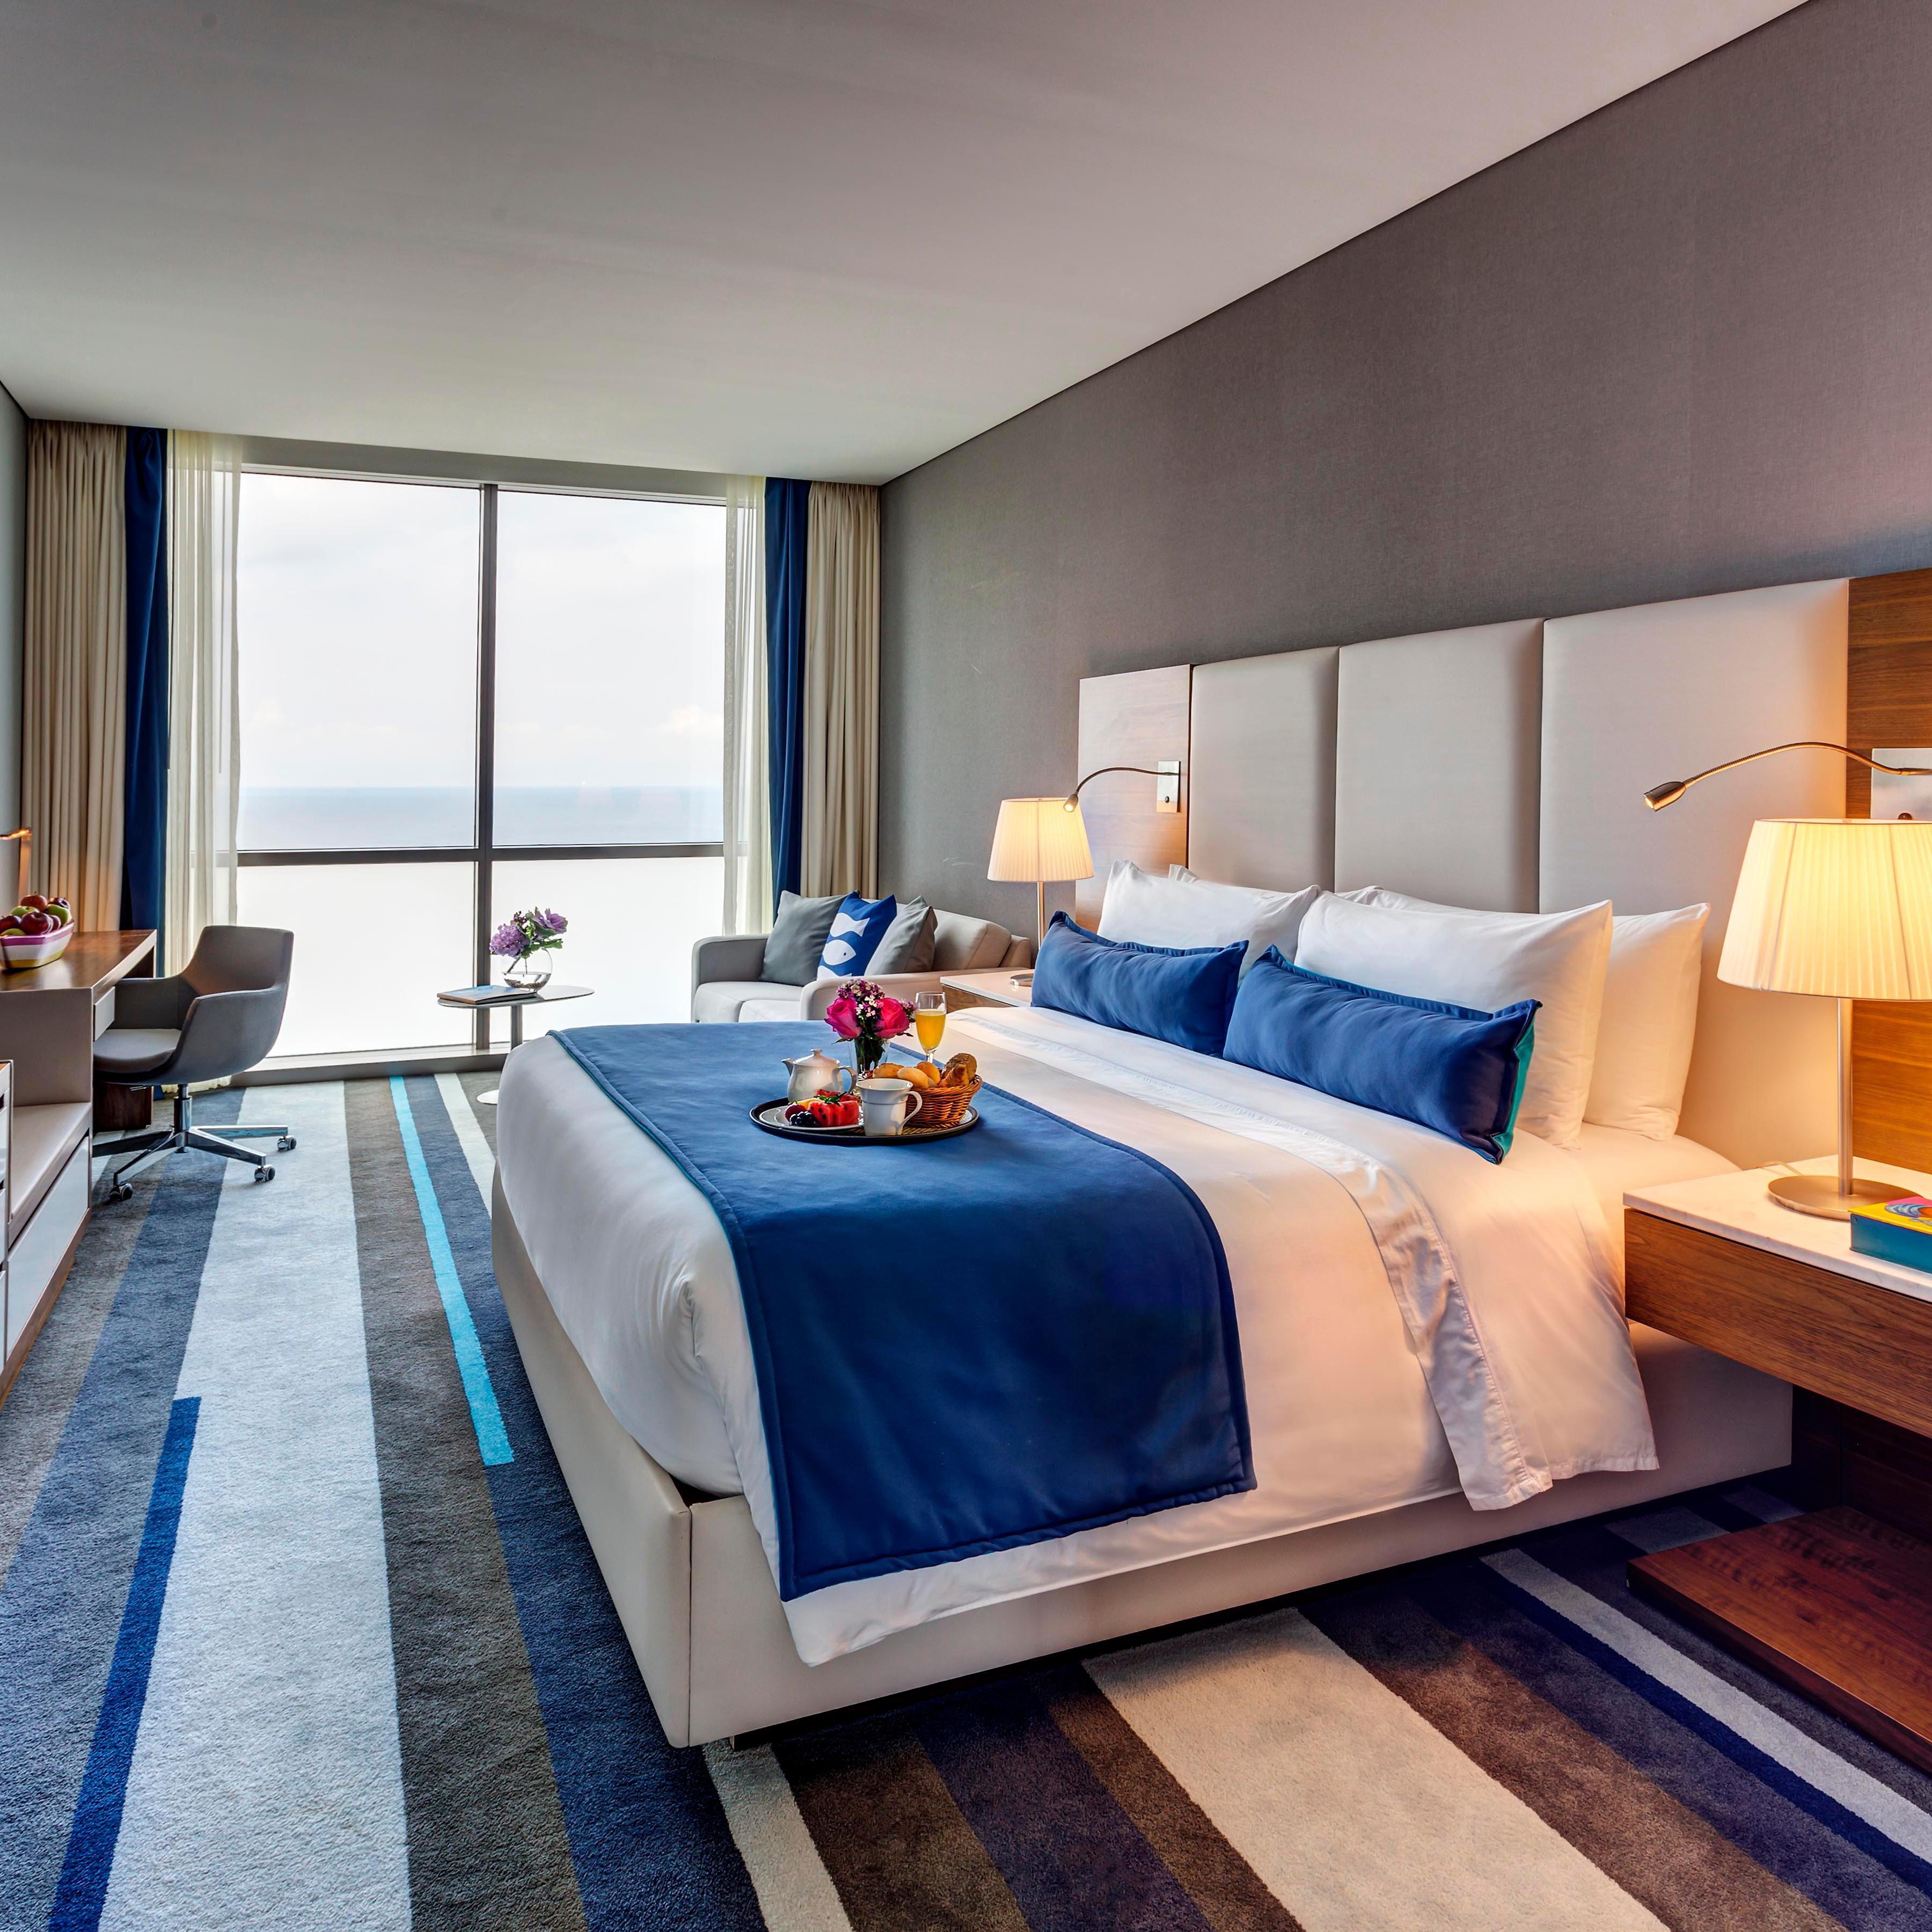 hoteles intercontinental cartagena de indias hoteles de lujo en